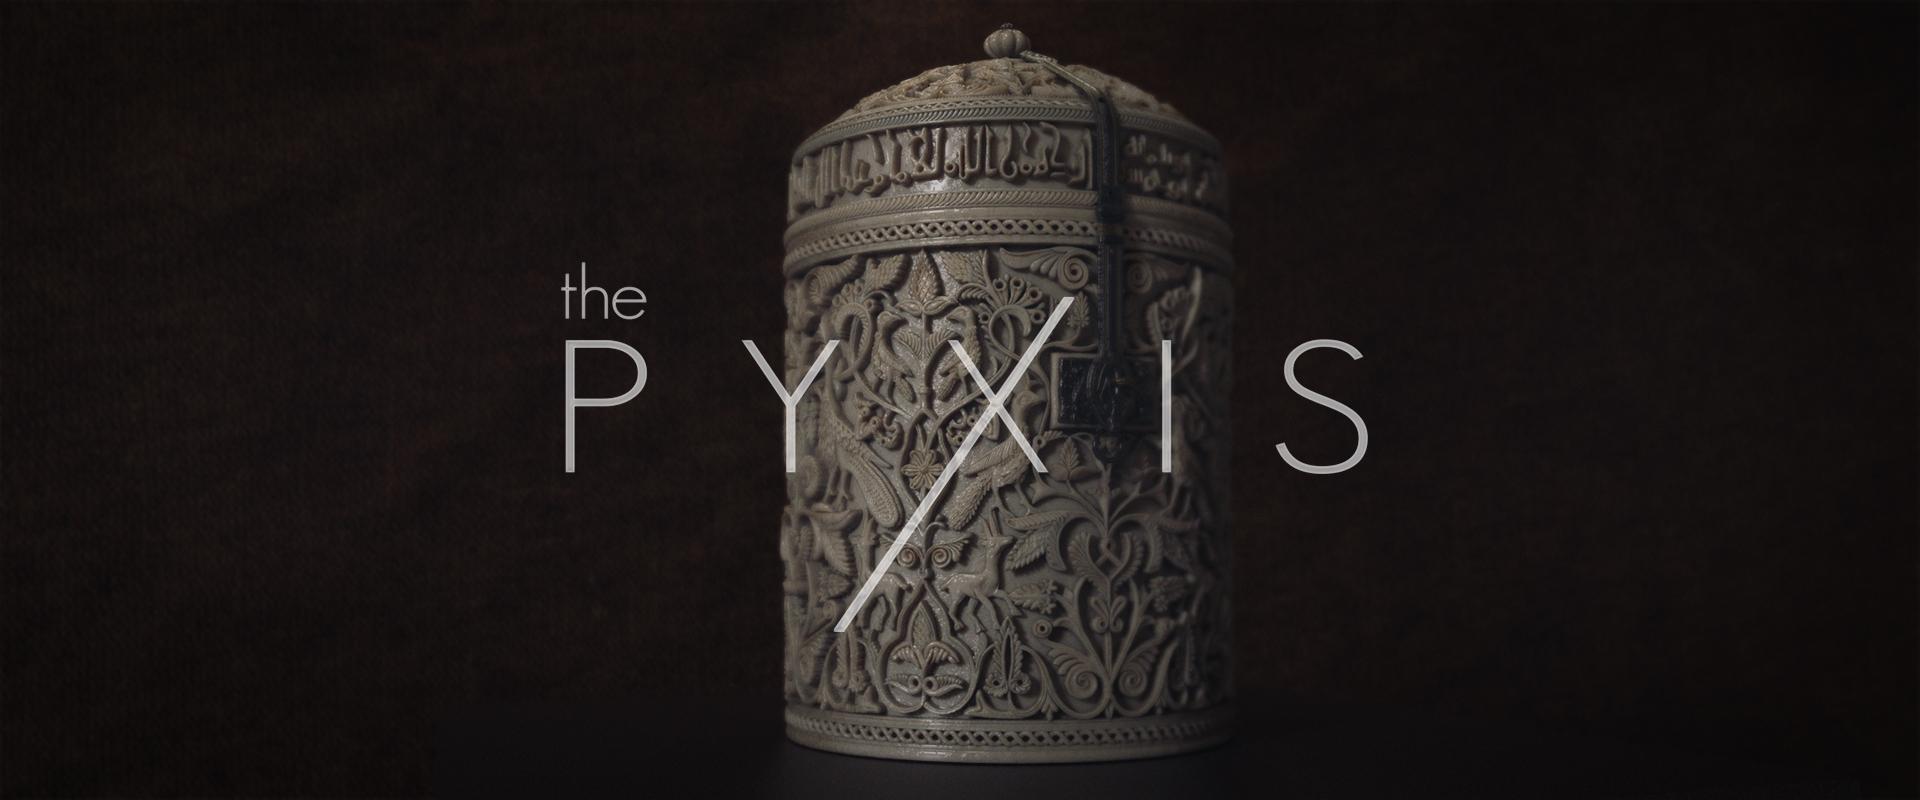 The Pyxis